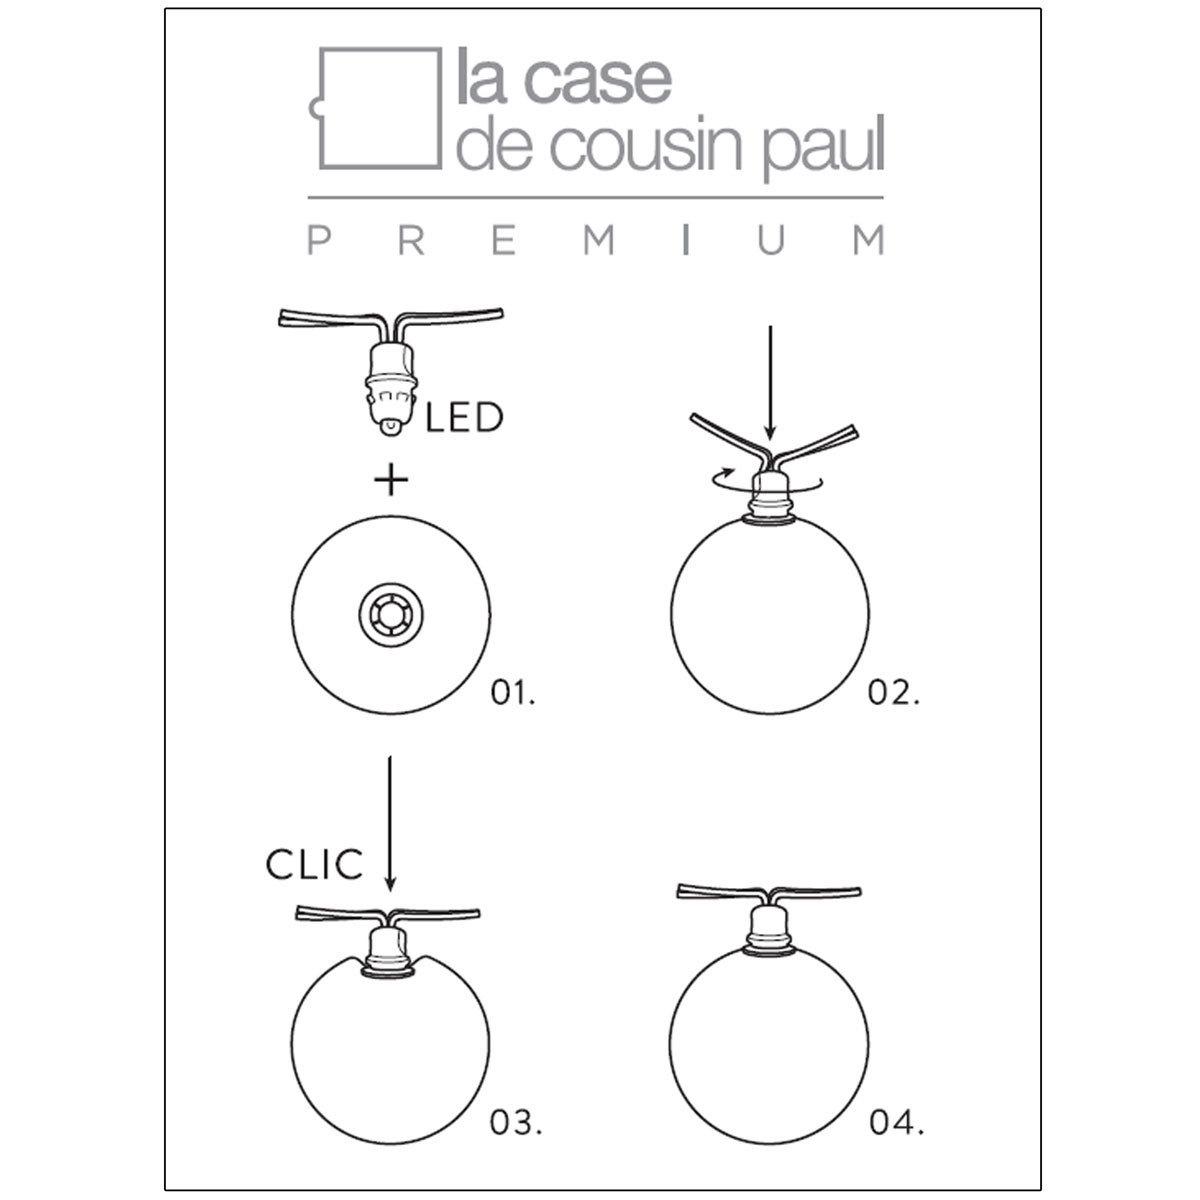 la case de cousin paul guirlande lumineuse miles led 20 boules suspension d corative la case. Black Bedroom Furniture Sets. Home Design Ideas